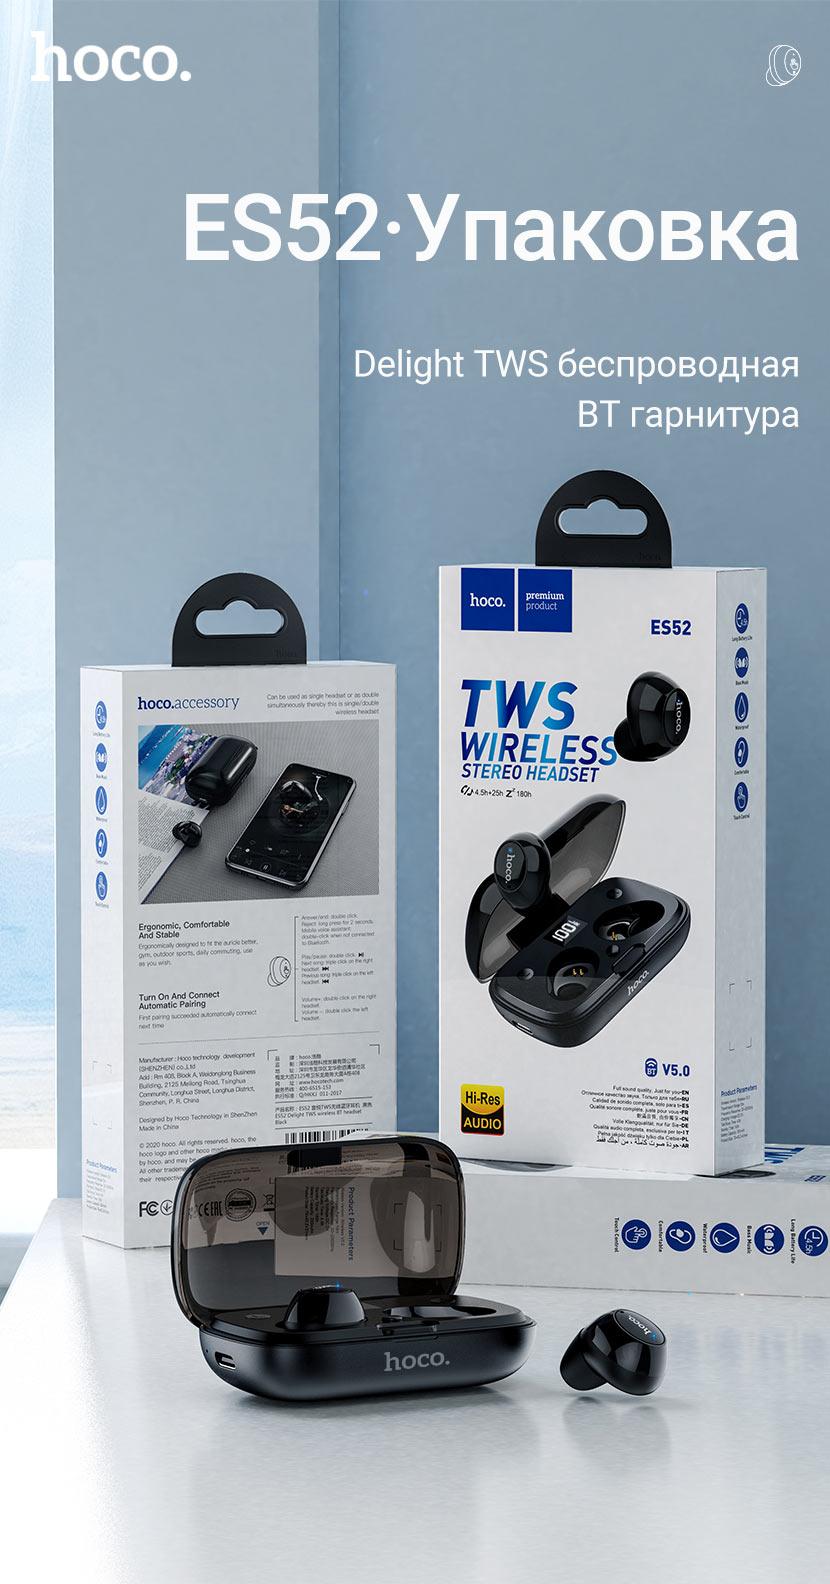 hoco news es52 delight tws wireless bt headset package ru